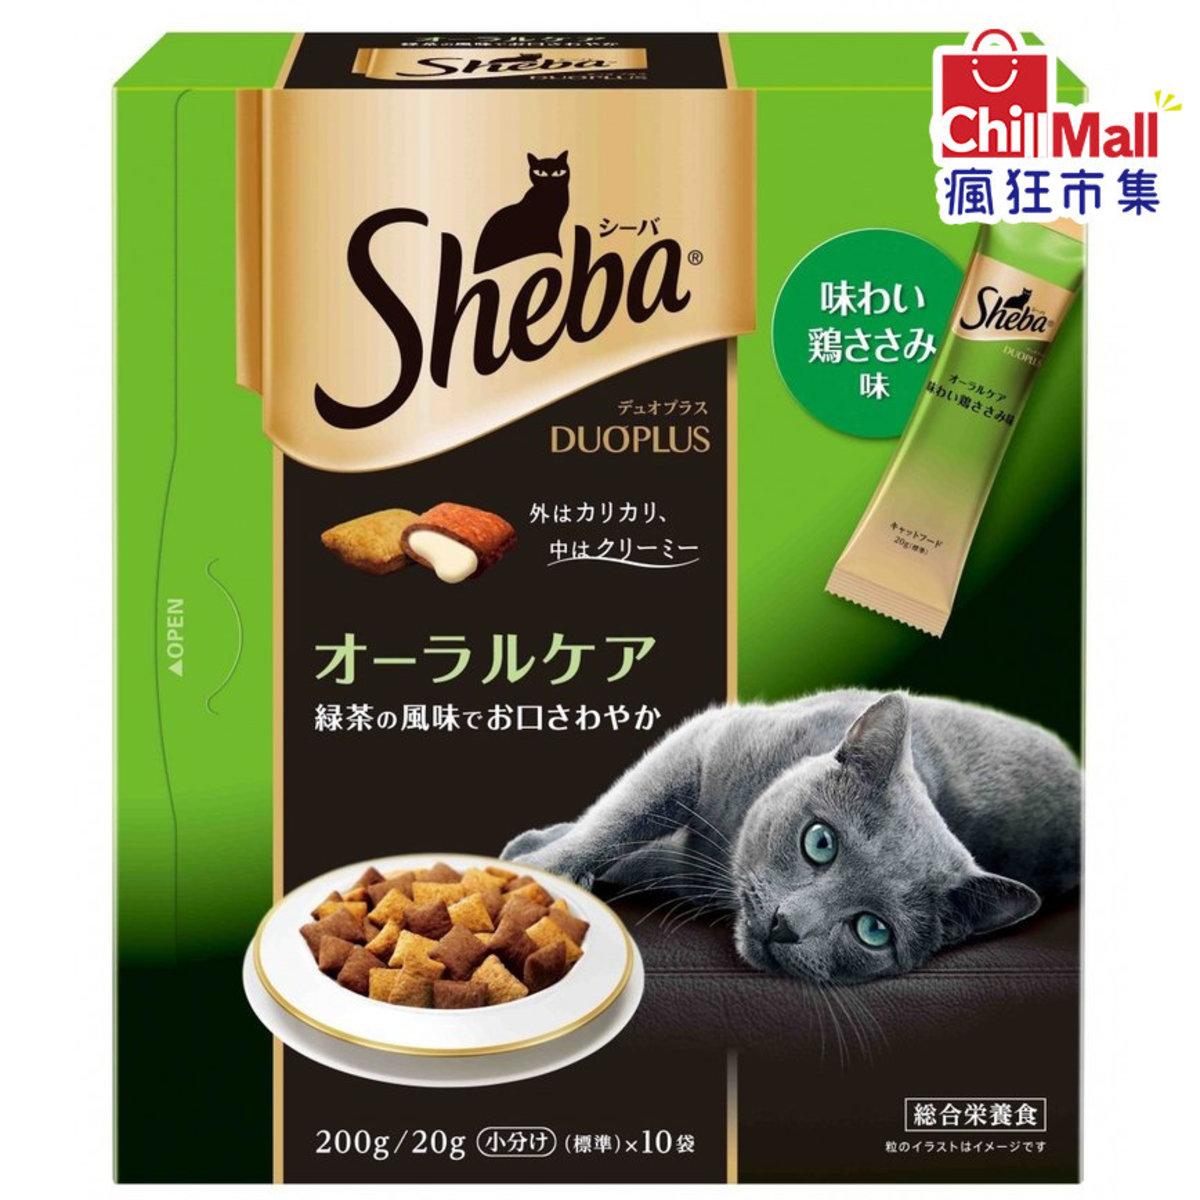 日本Sheba Duo 夾心餡餅貓咪乾糧 成貓口腔護理配方 200g (青色) 7814122